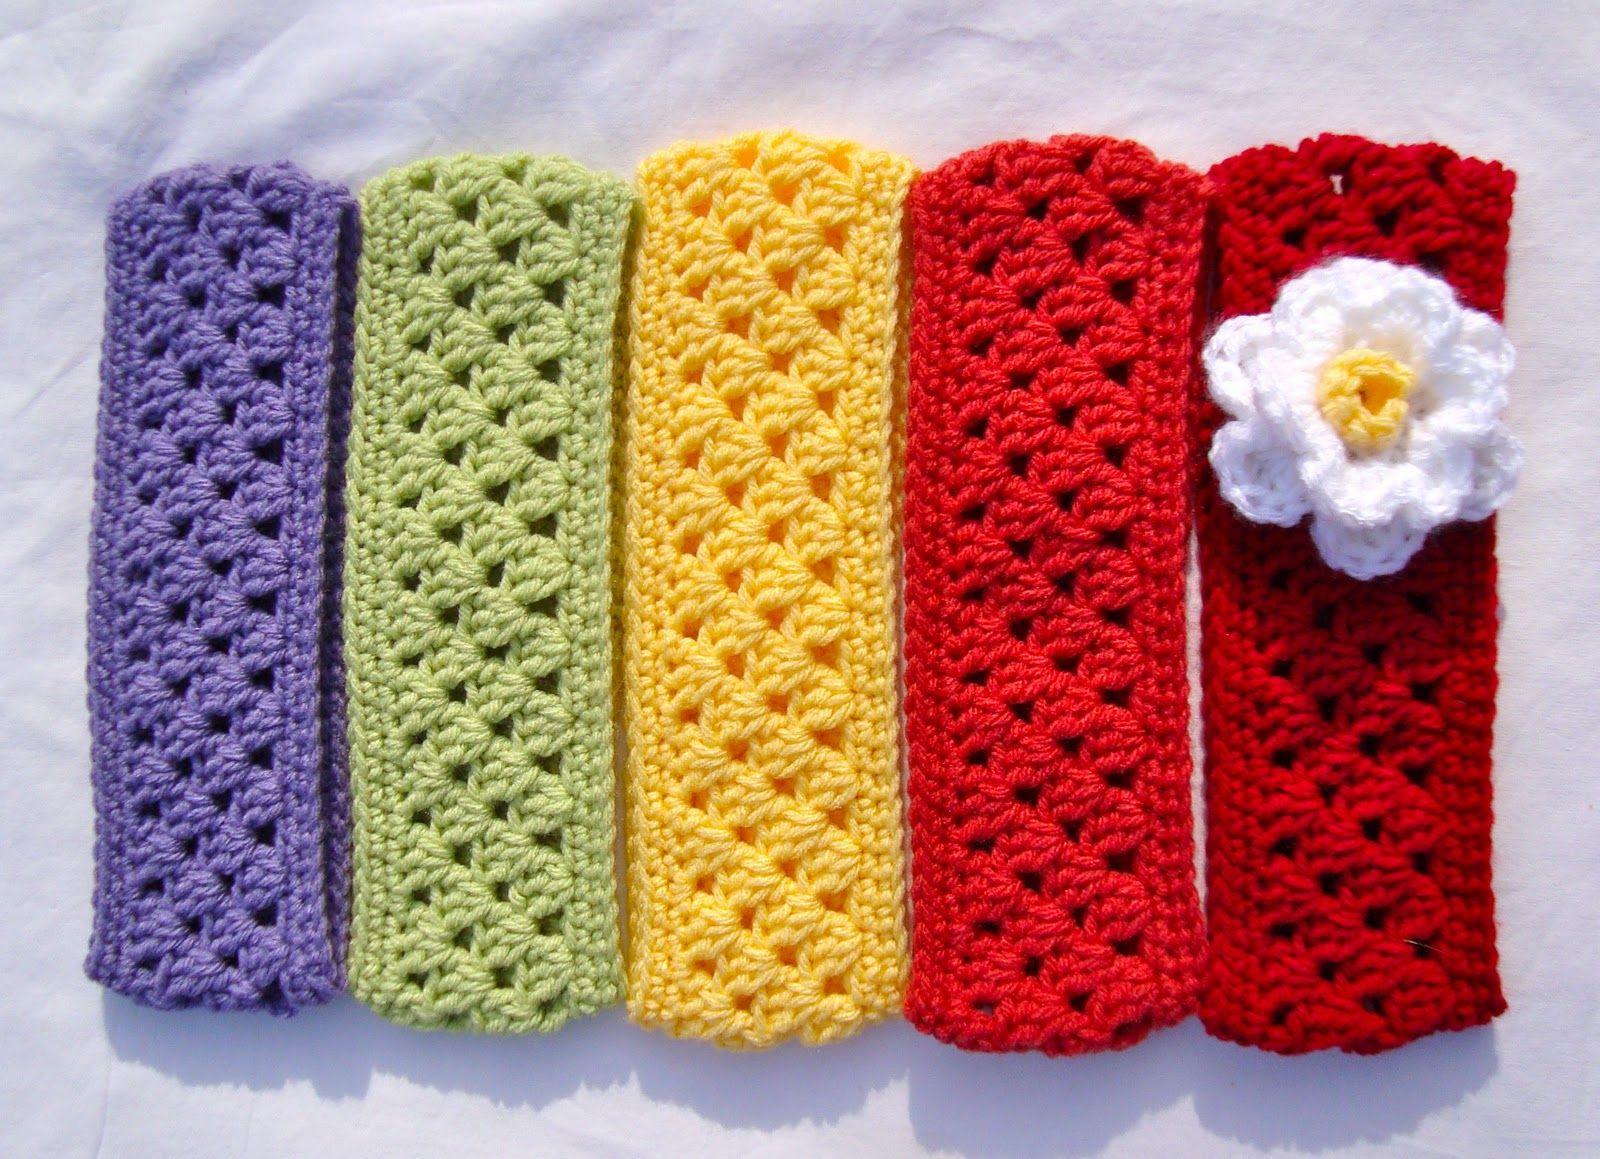 Dsc03883g 16001159 ganchillo pinterest crochet crochet dsc03883g 16001159 crochet ear warmerscrochet ear warmer patterncrocheted headbandsheadband dt1010fo